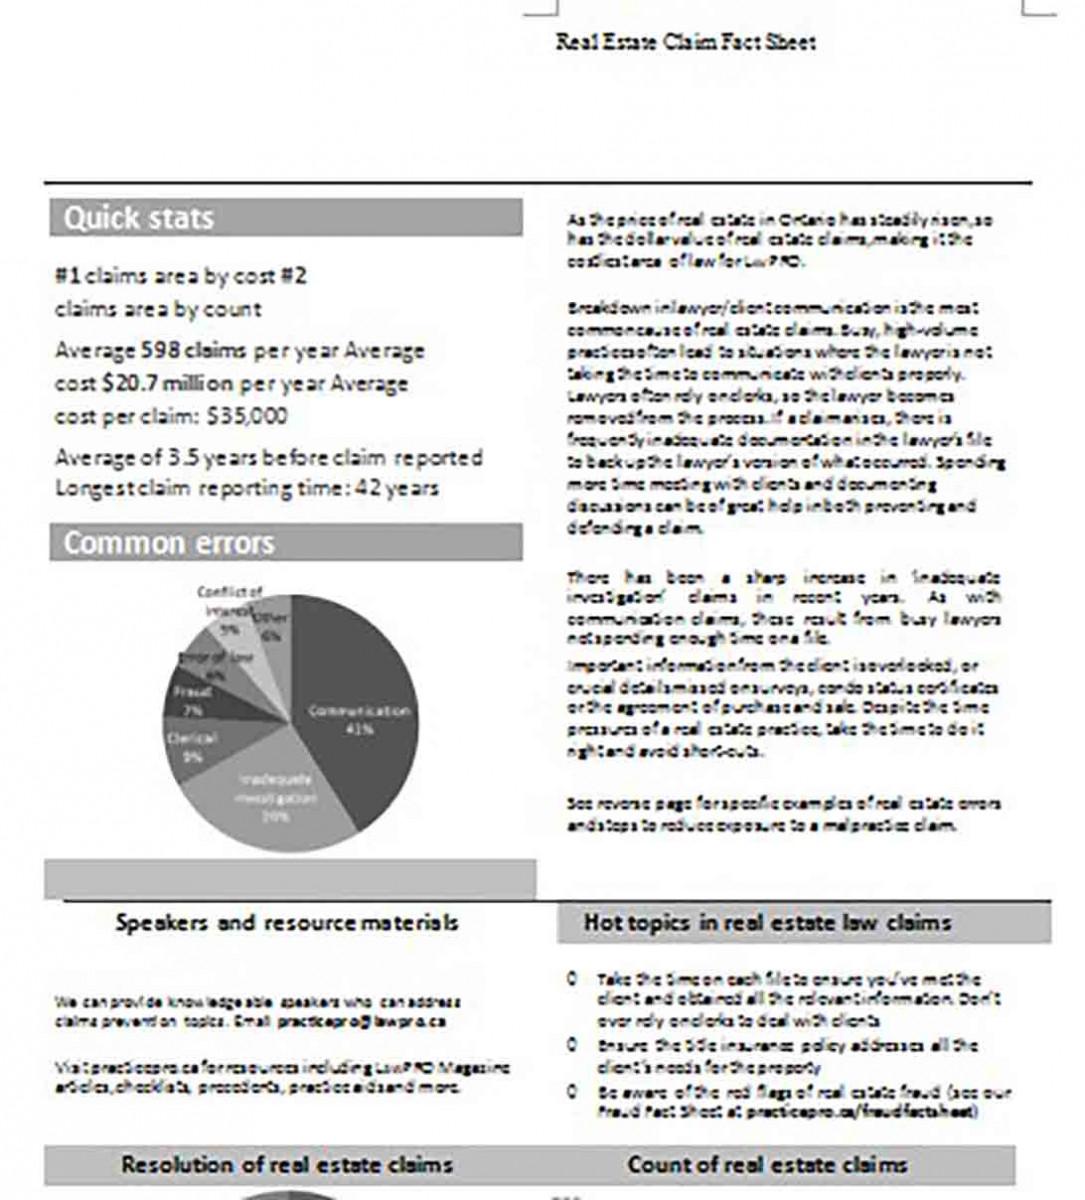 Real Estate Claim Fact Sheet